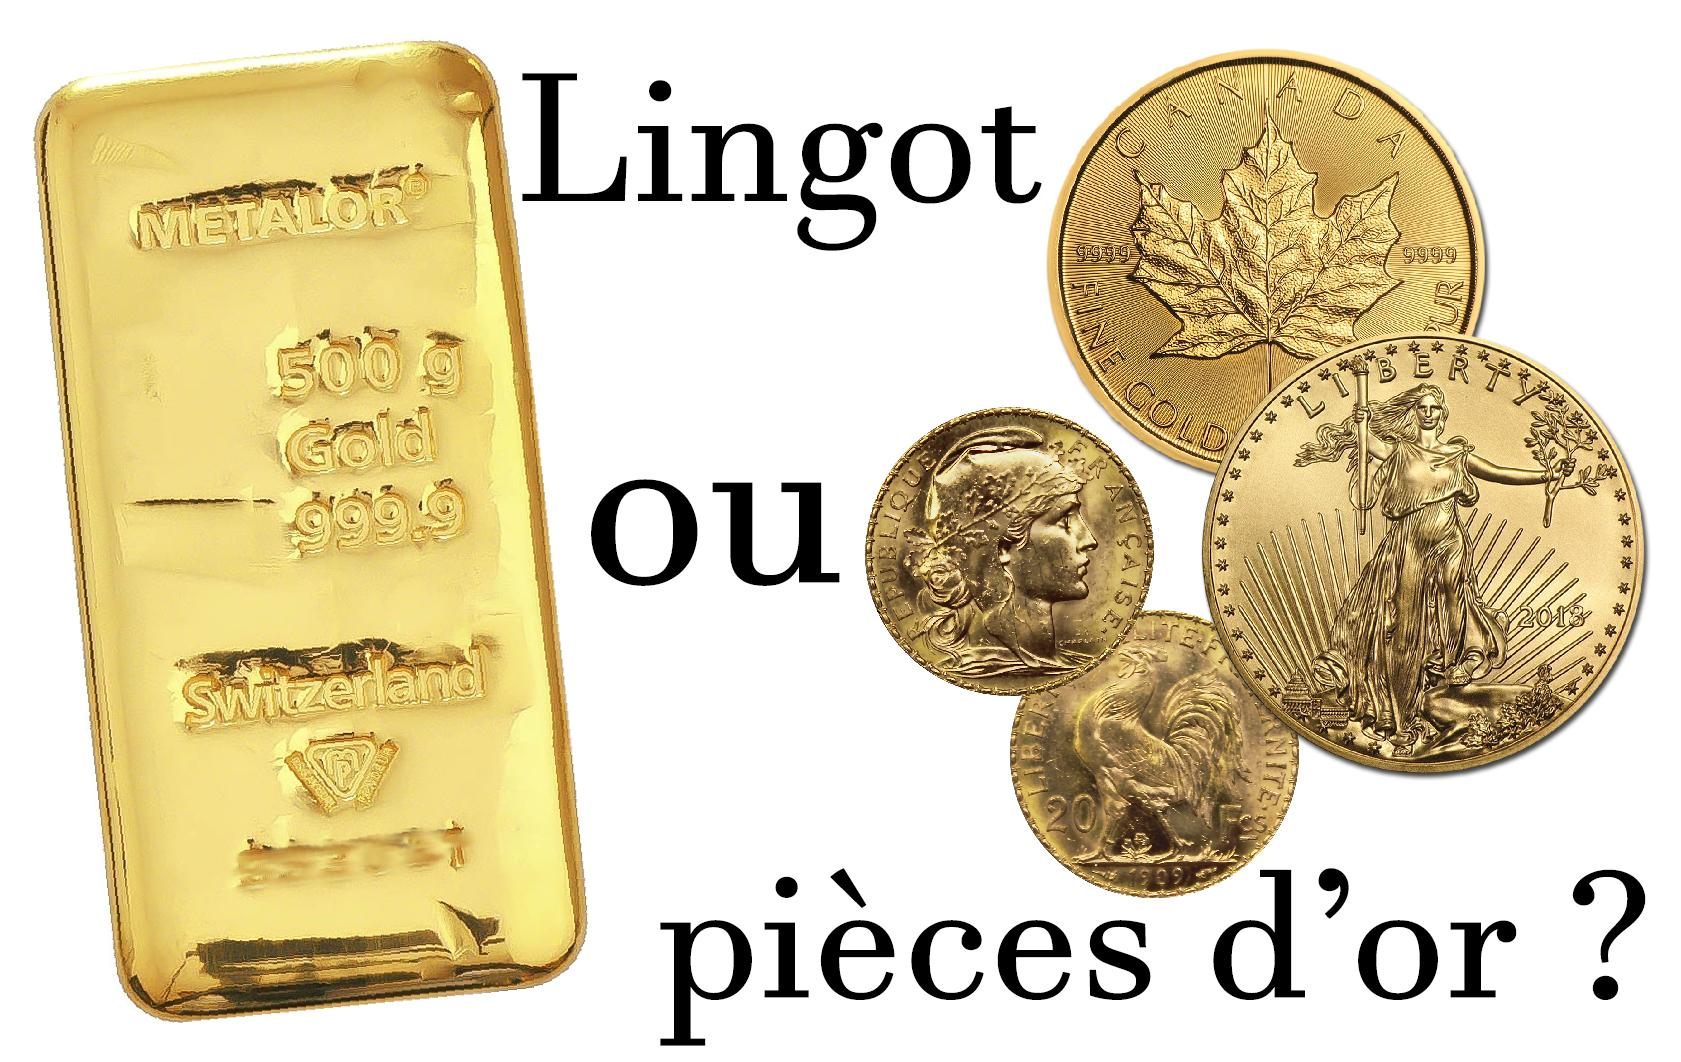 Faut-il acheter des lingots ou des pièces d'or ?